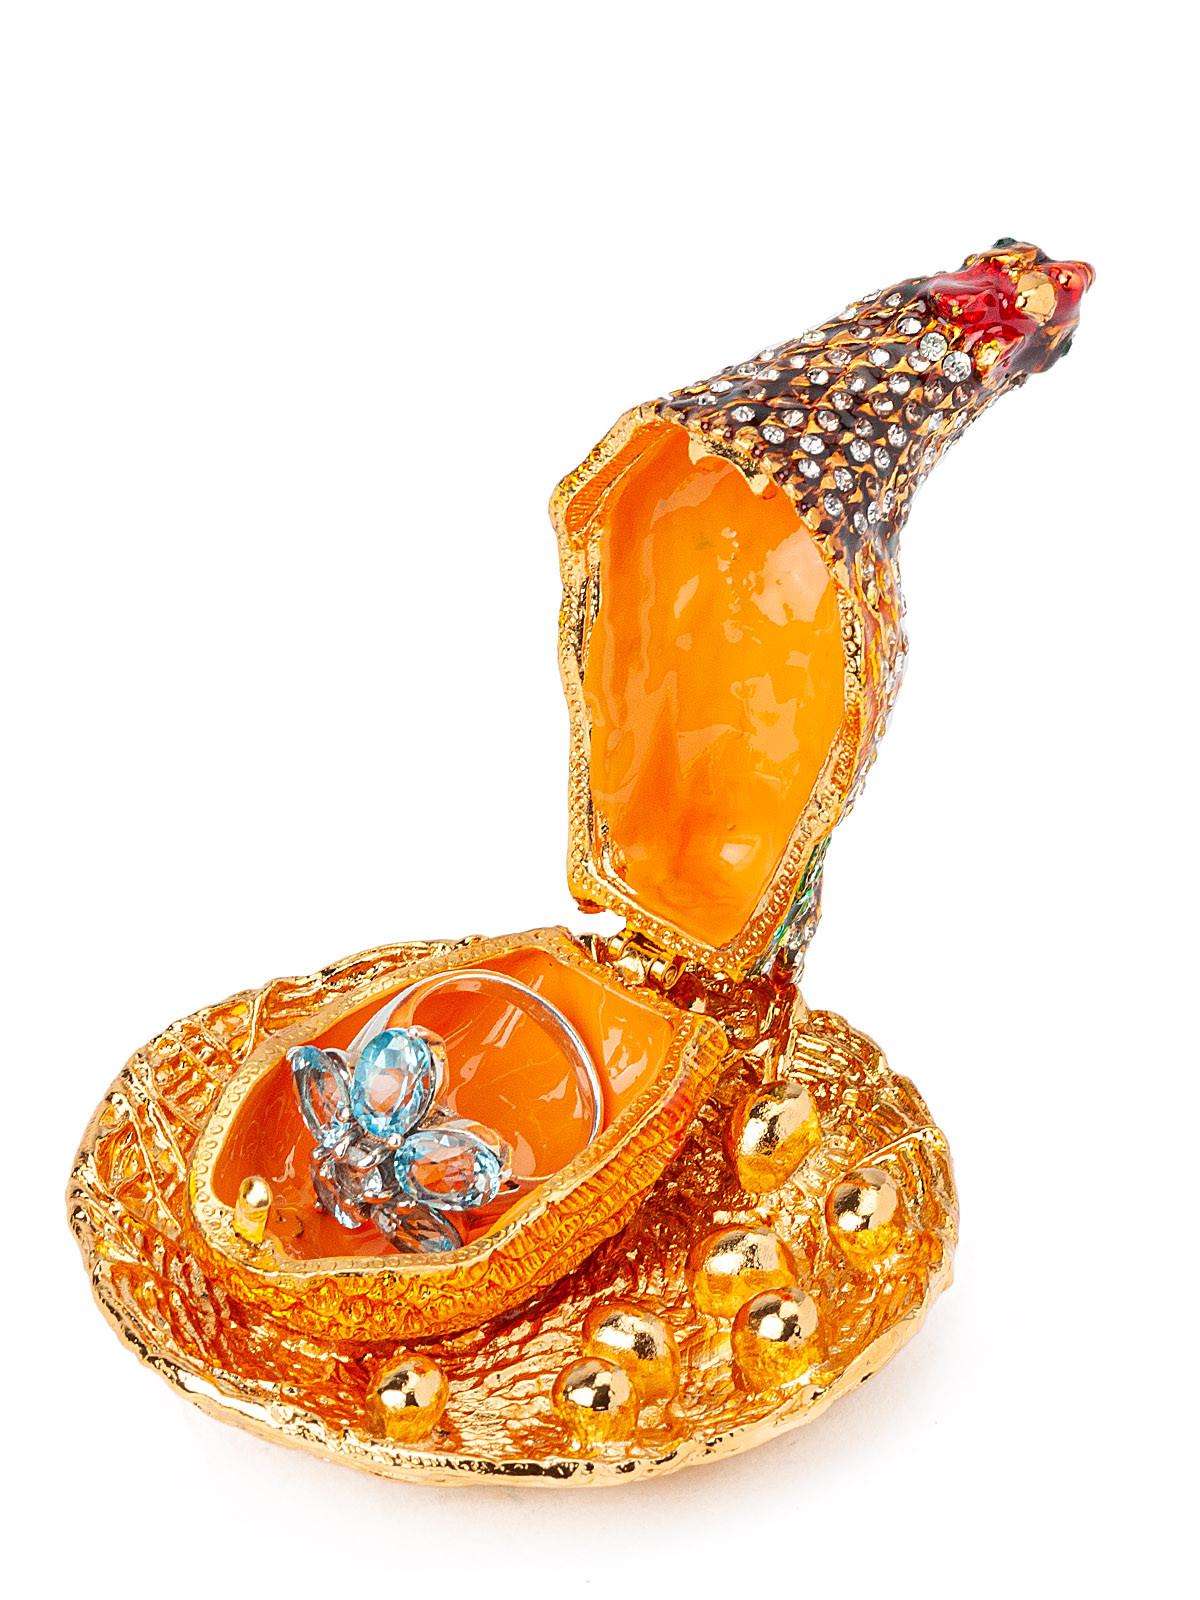 Шкатулка для украшений Курочка S-286-4 золотистый